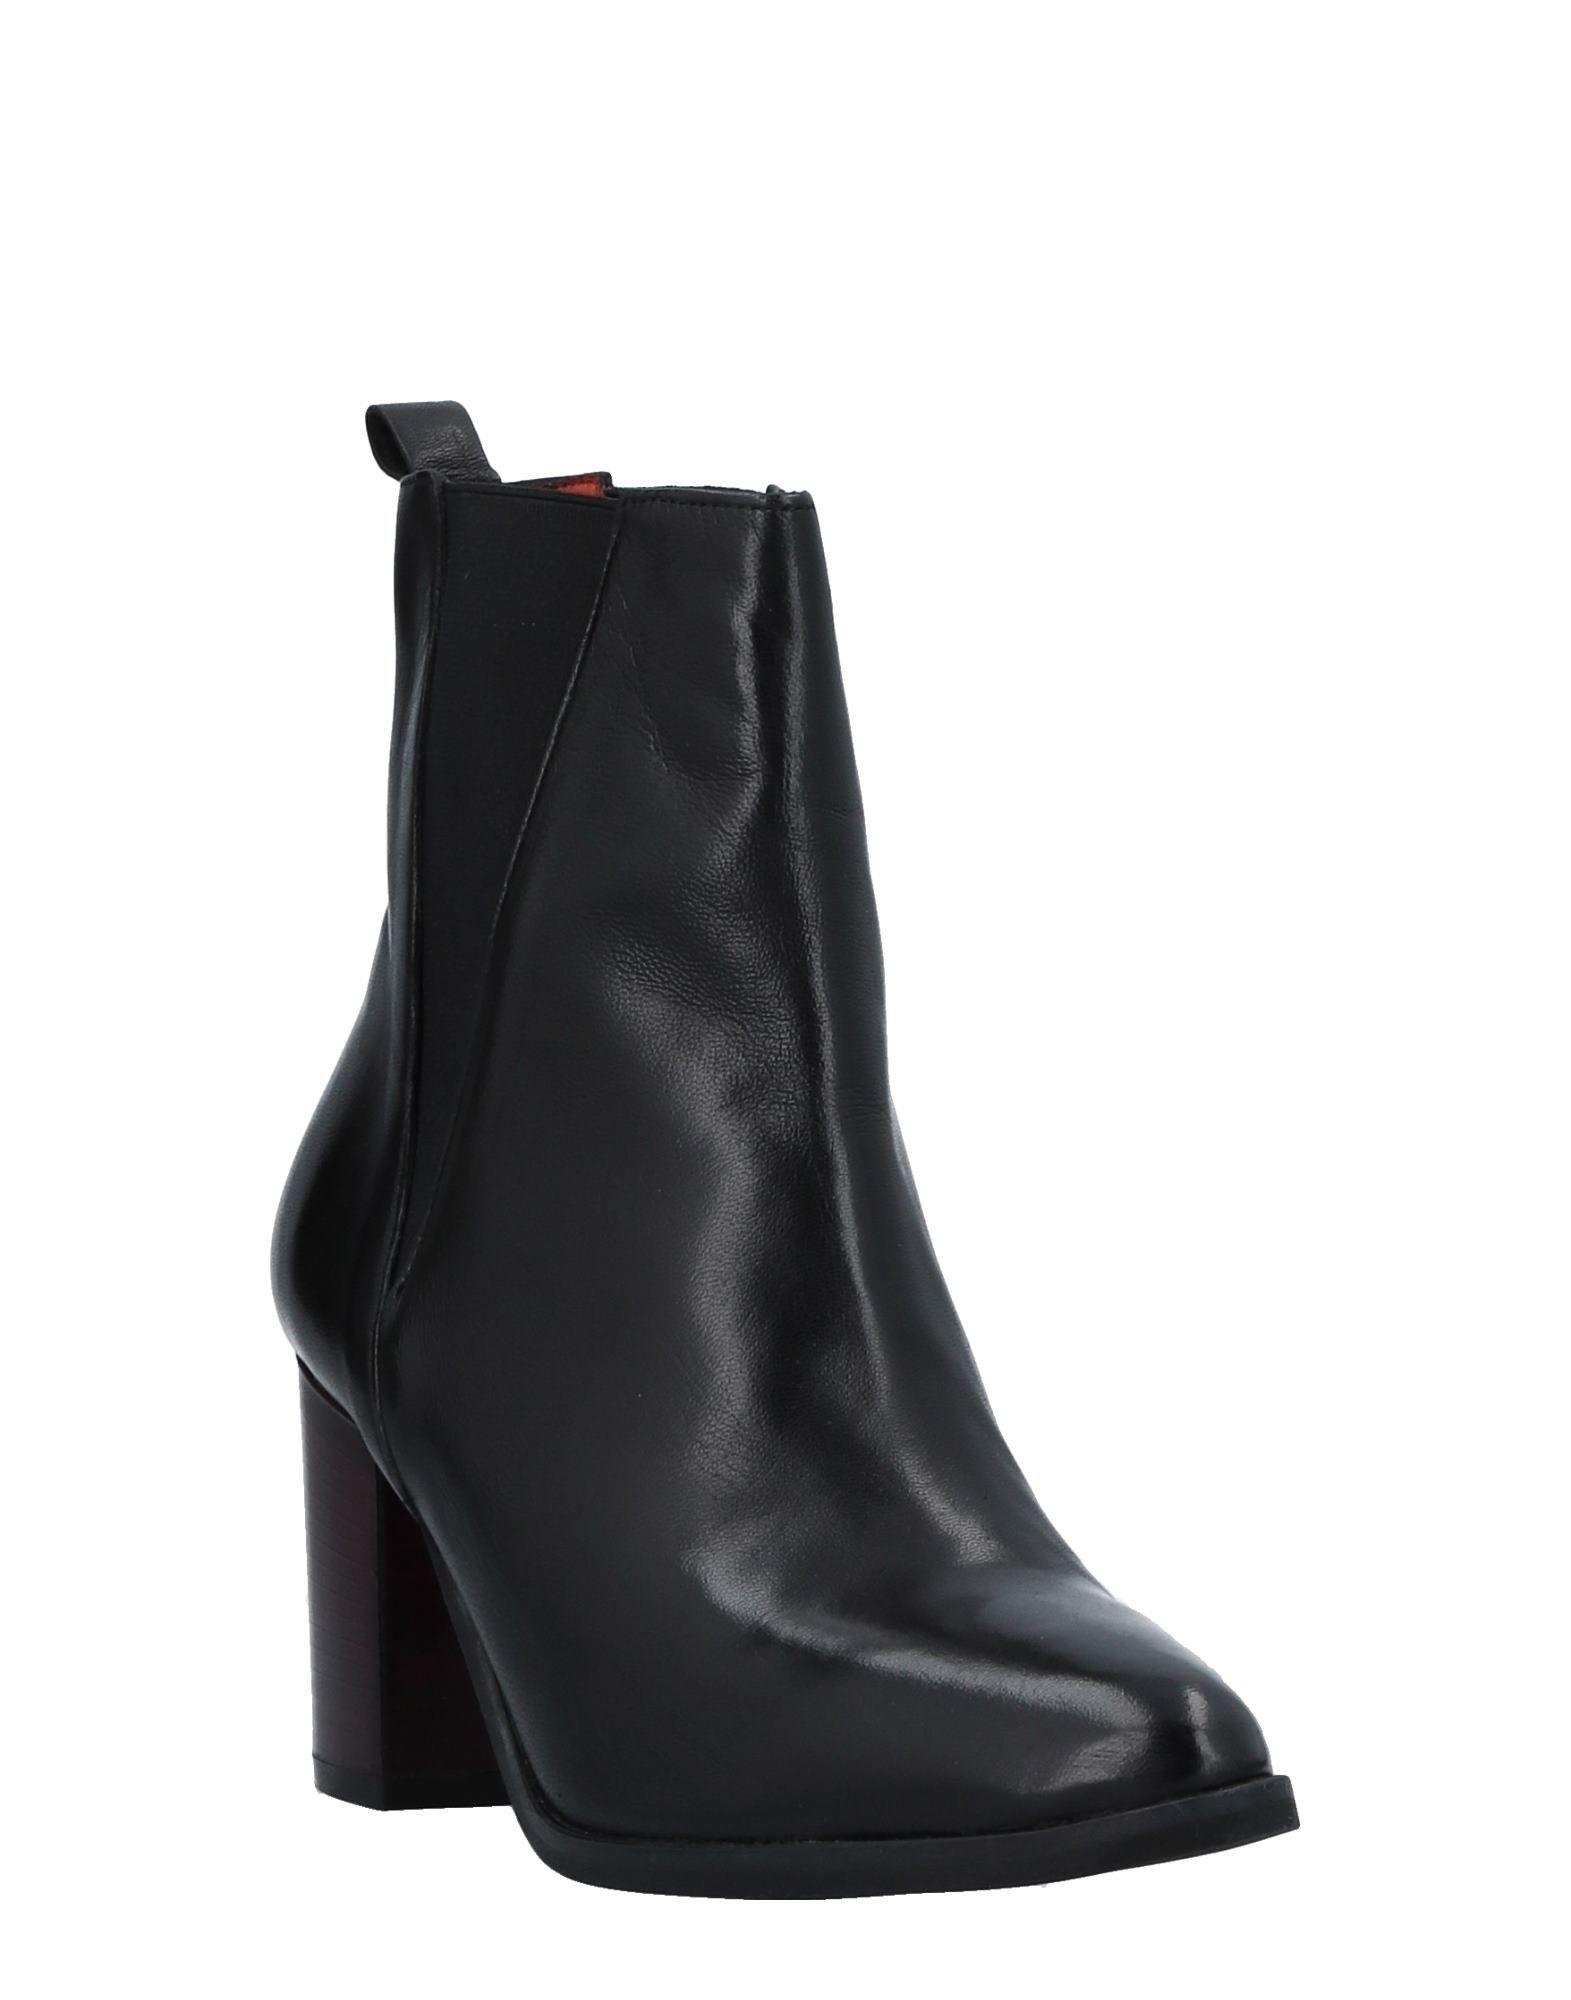 Bagatt Chelsea Boots Schuhe Damen  11513152SD Gute Qualität beliebte Schuhe Boots 1d97d2